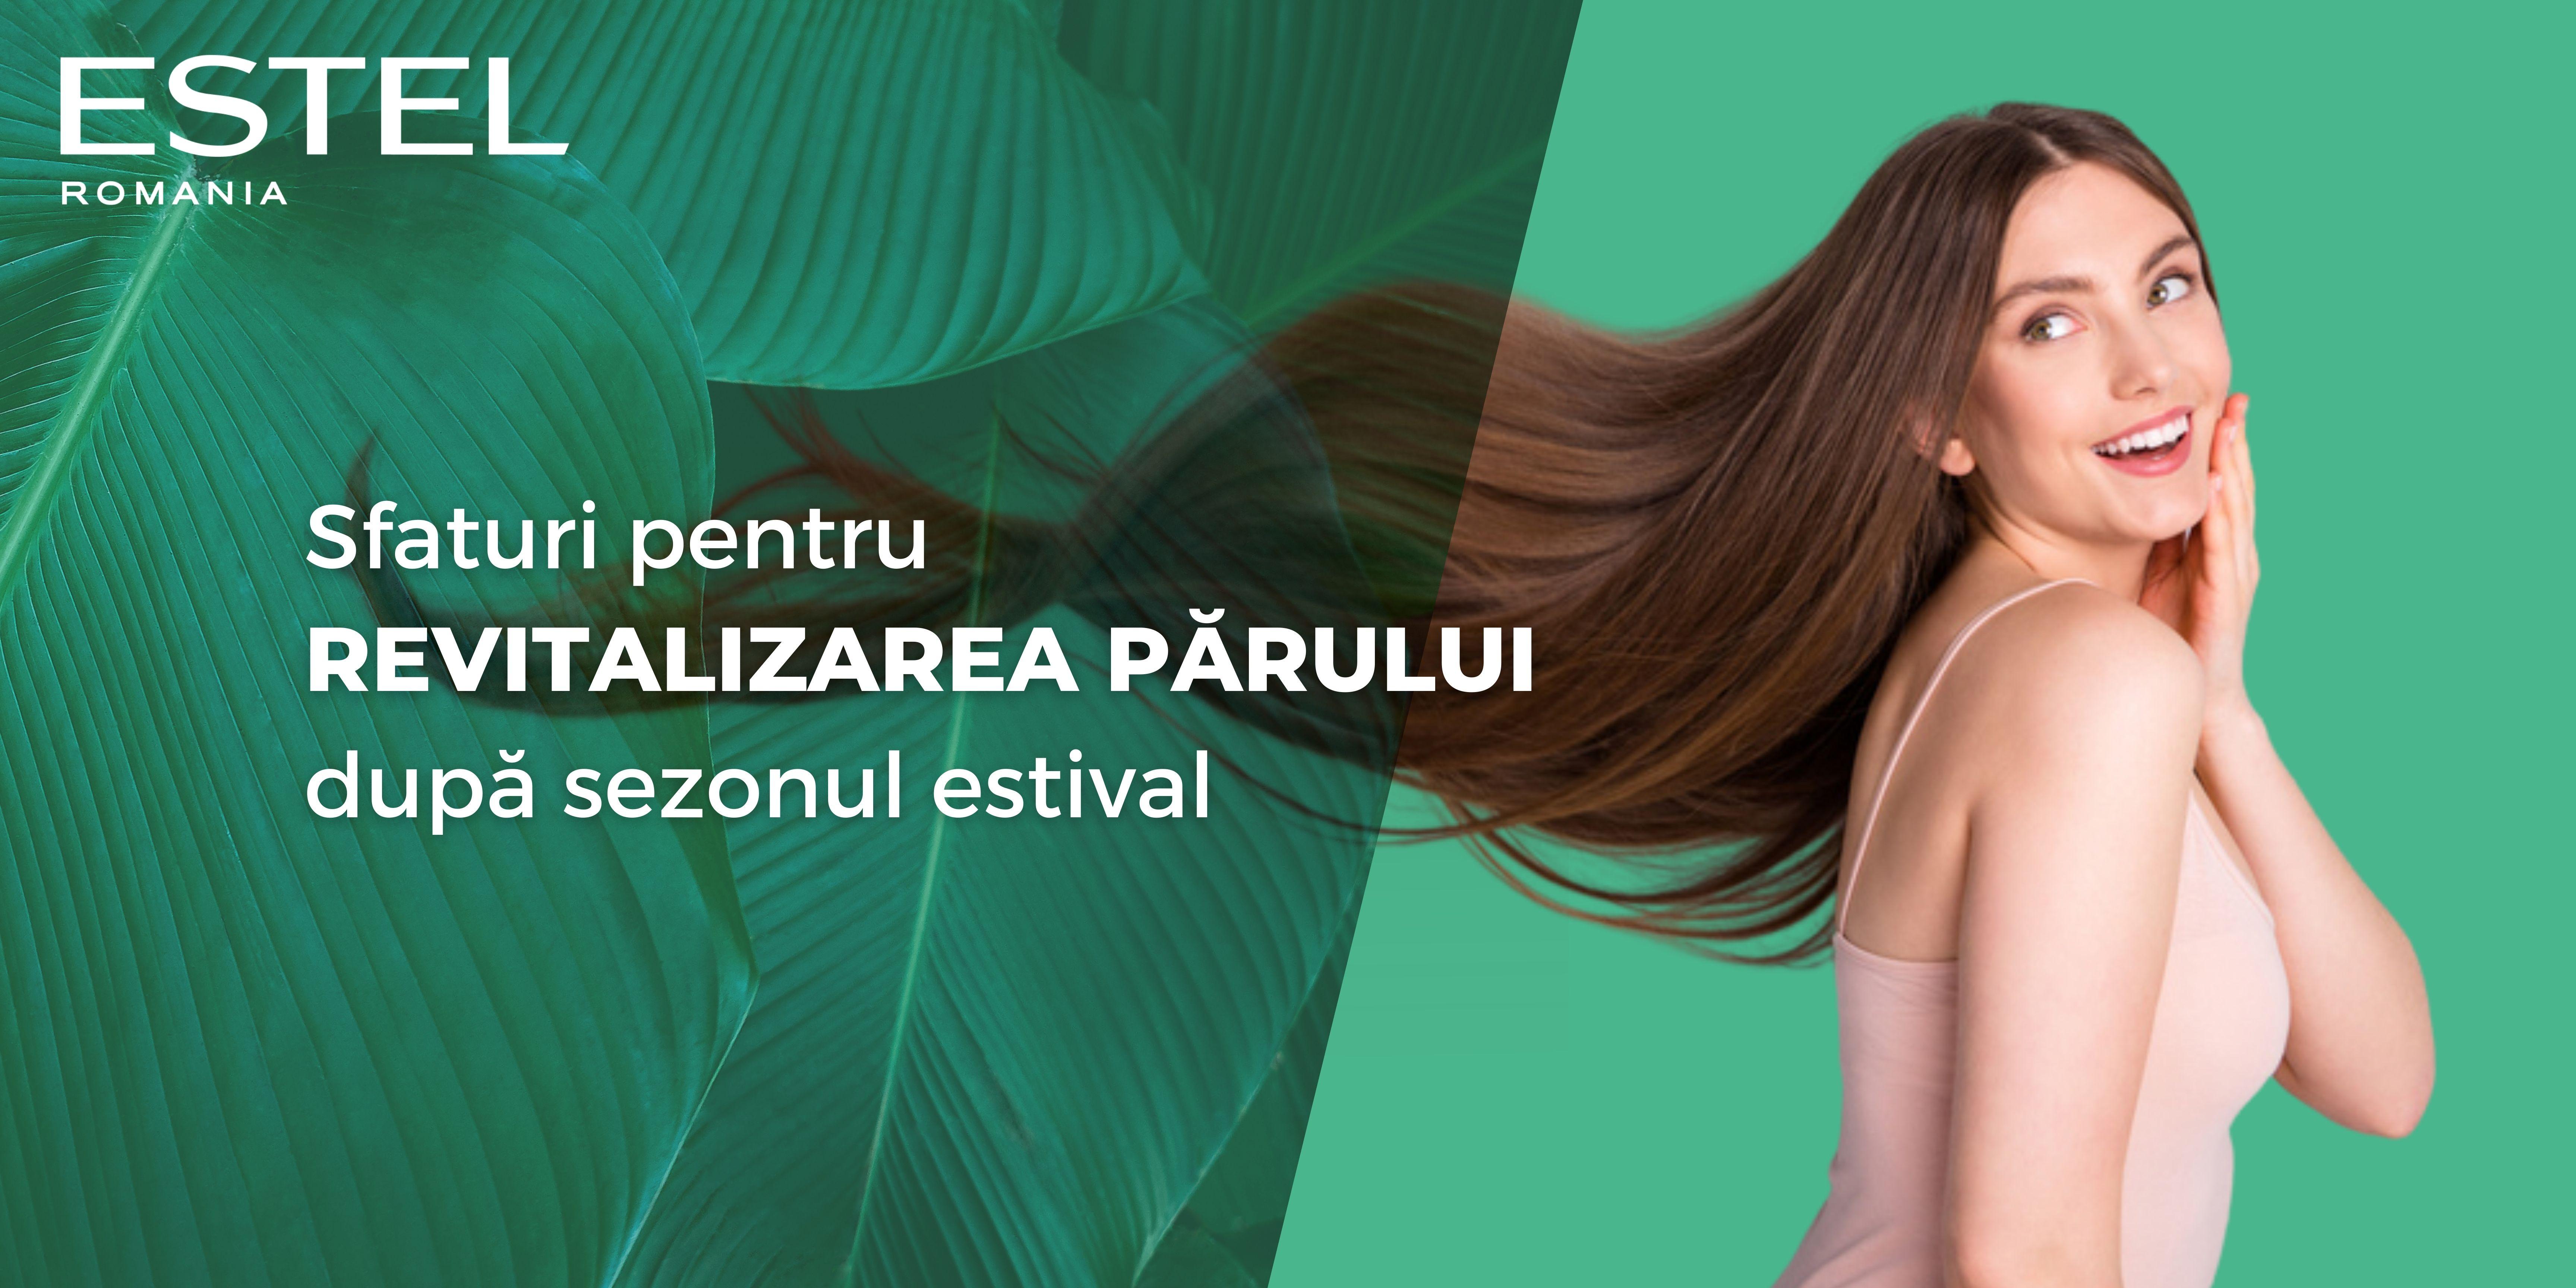 Sfaturi pentru revitalizarea părului după sezonul estival